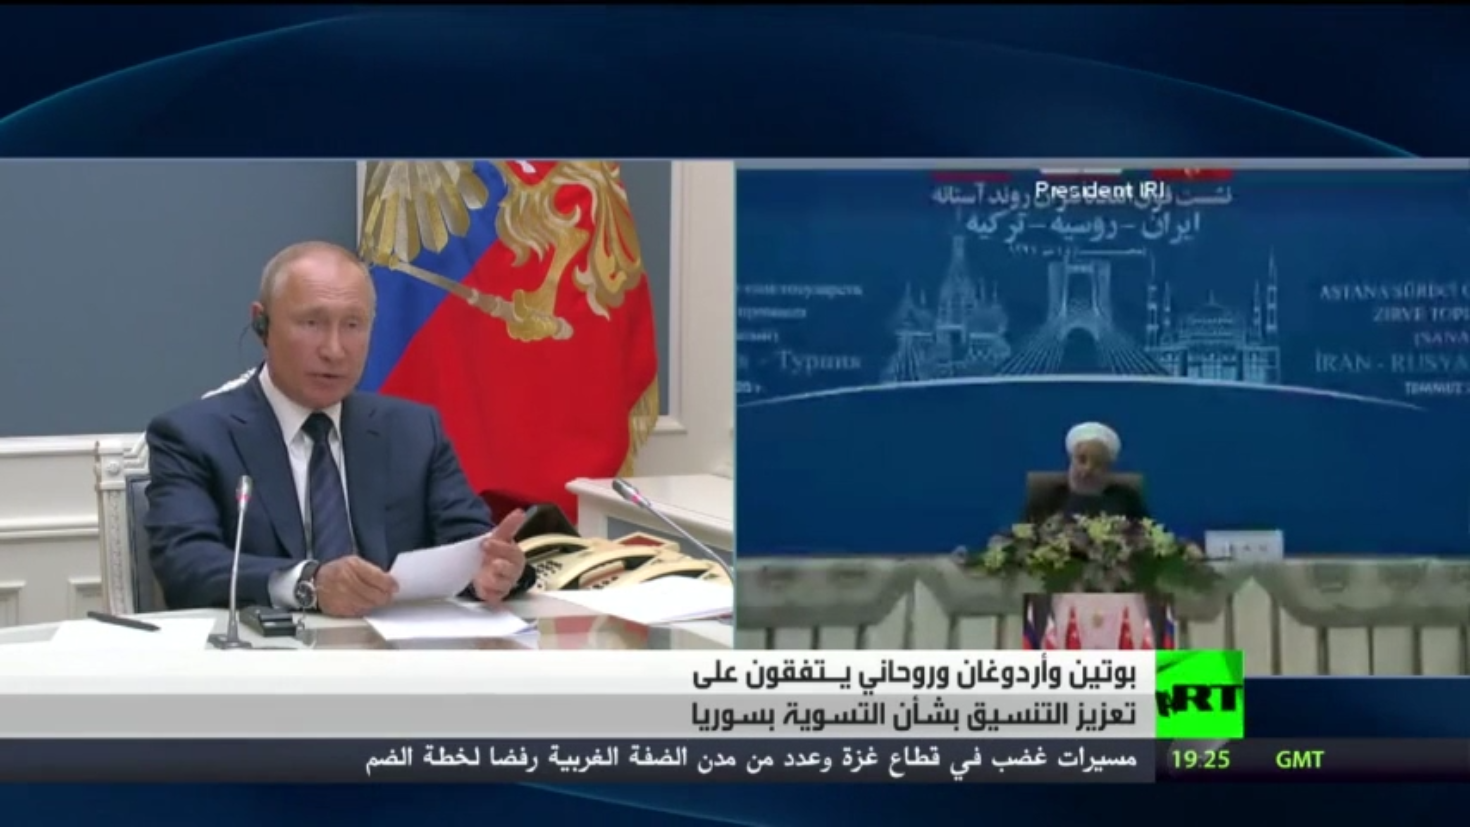 اتفاق على تعزيز التنسيق لحل الأزمة في سوريا